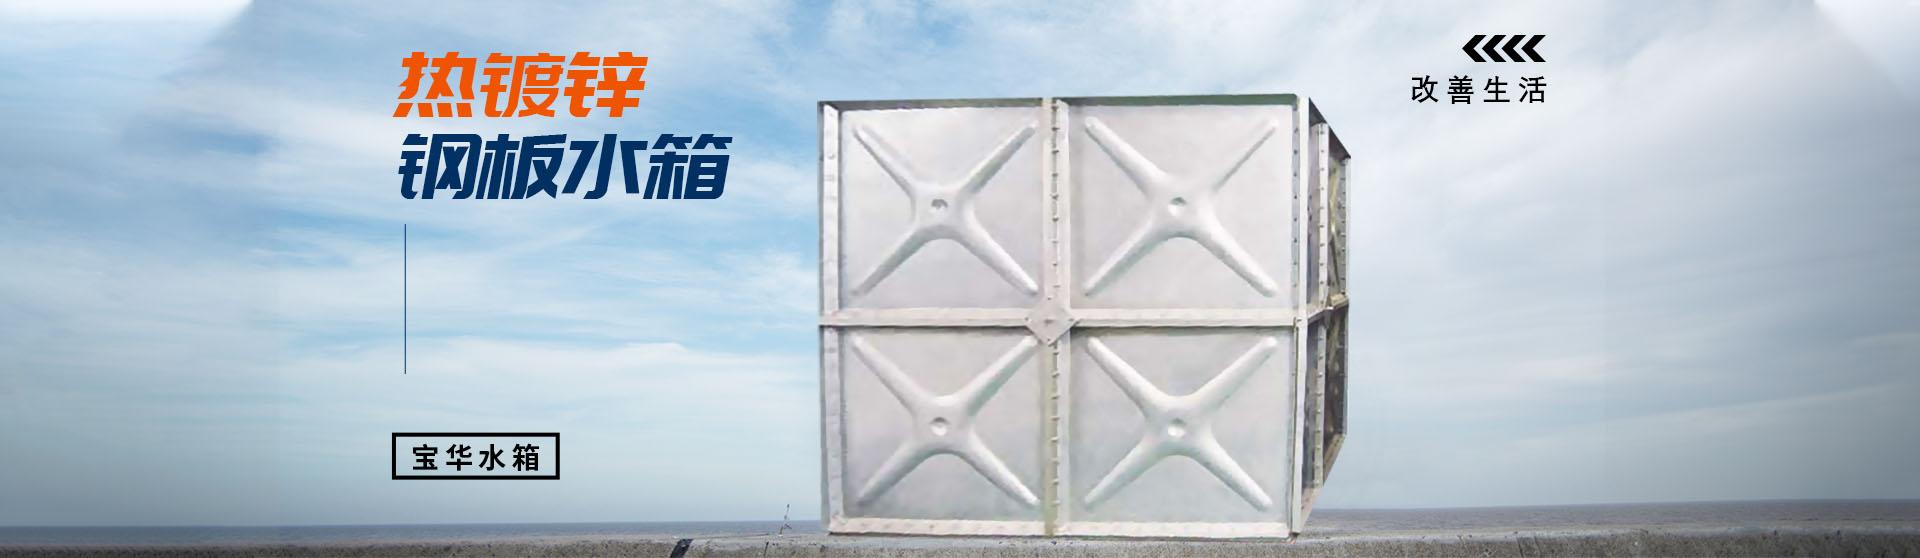 内蒙古消防水箱